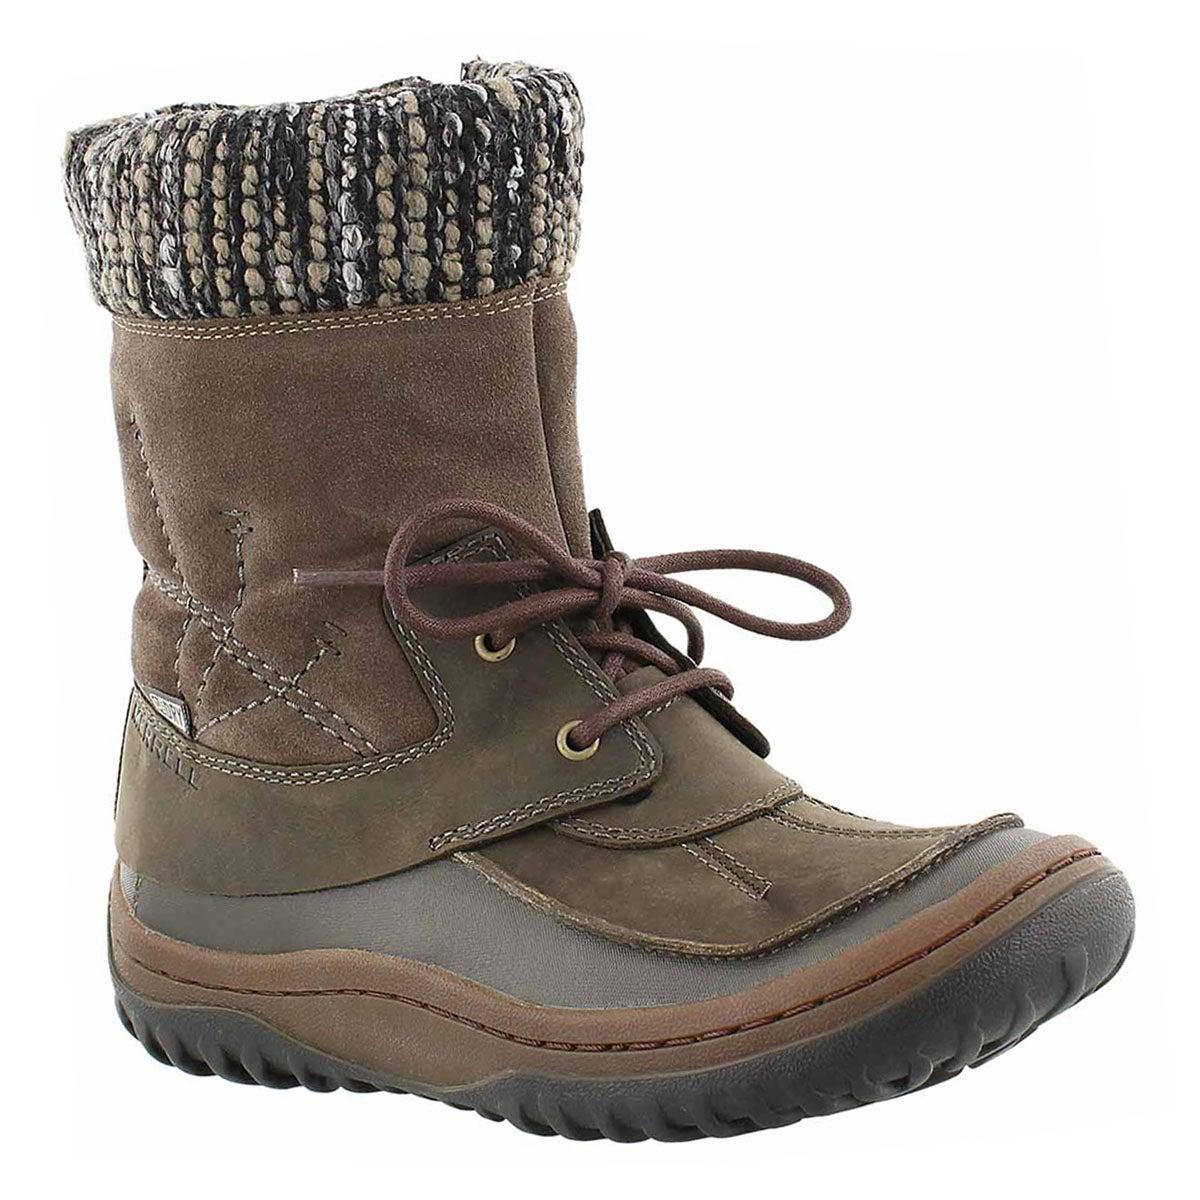 Lds Bolero falcon wtrpf winter boot